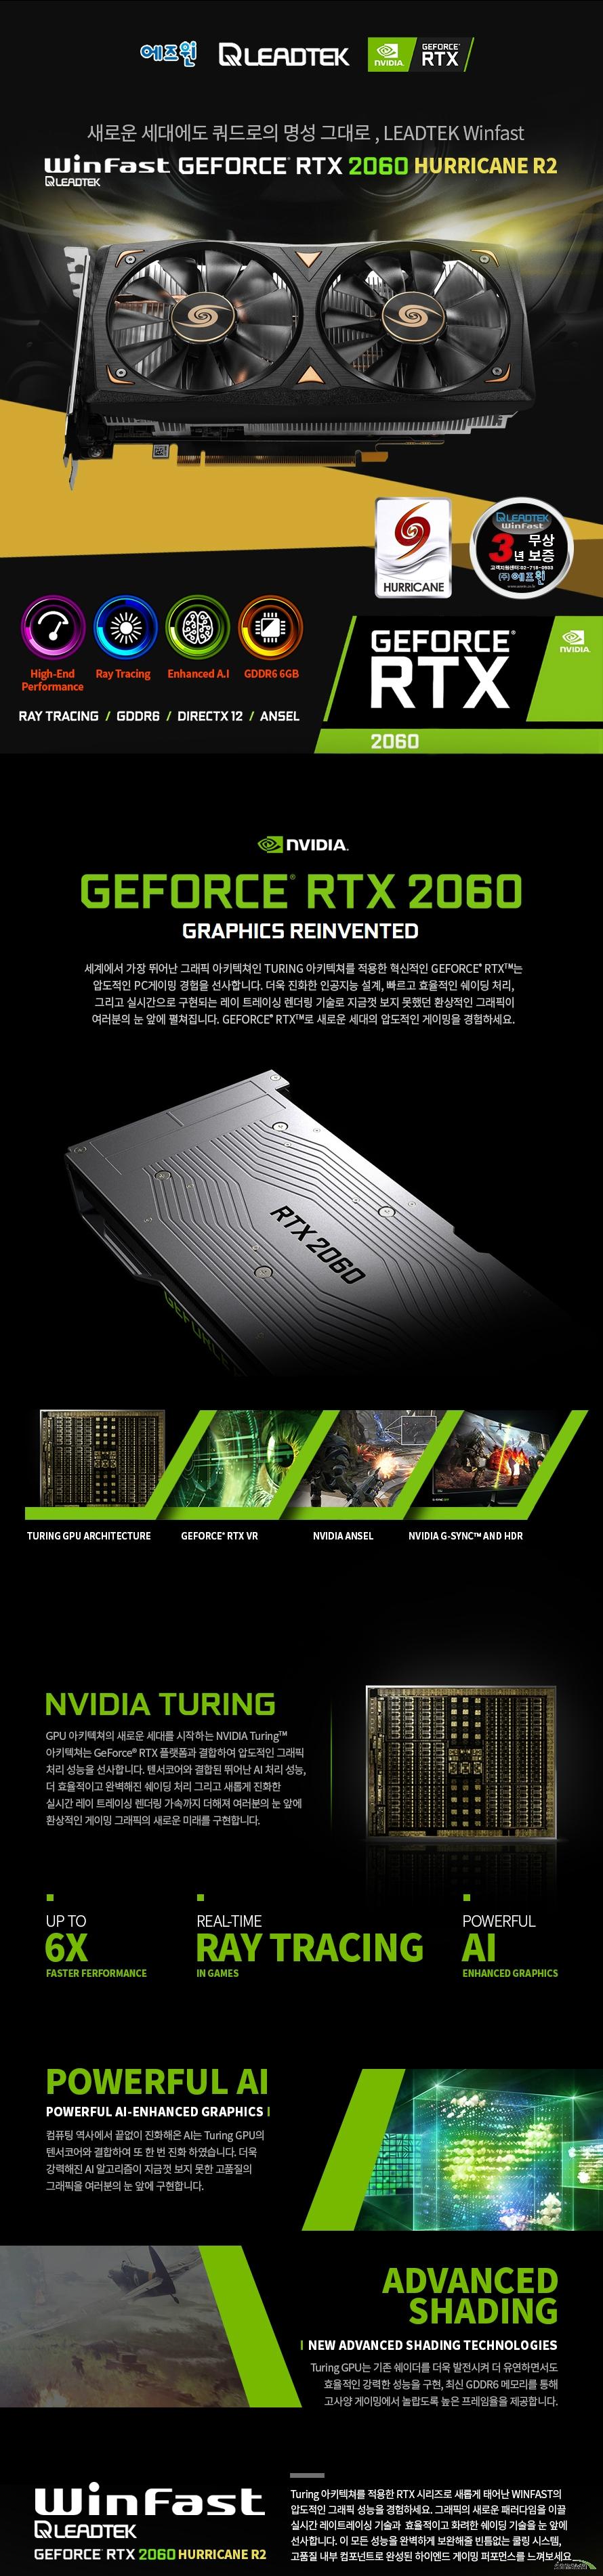 리드텍 Winfast 지포스 RTX 2060 HURRICANE R2 D6 6GB 에즈윈  제품 상세정보  쿠다코어 개수 1920개 베이스 클럭 1365메가 헤르츠 부스트 클럭 1770메가 헤르츠  메모리 속도 14000mbps 메모리 용량 gddr6 6gb 인터페이스 192비트  멀티 모니터 3대 지원 소모 전력 170와트 전력 요구사항 550와트 이상  KC인증 R R ASW LTRTX2060HUR2